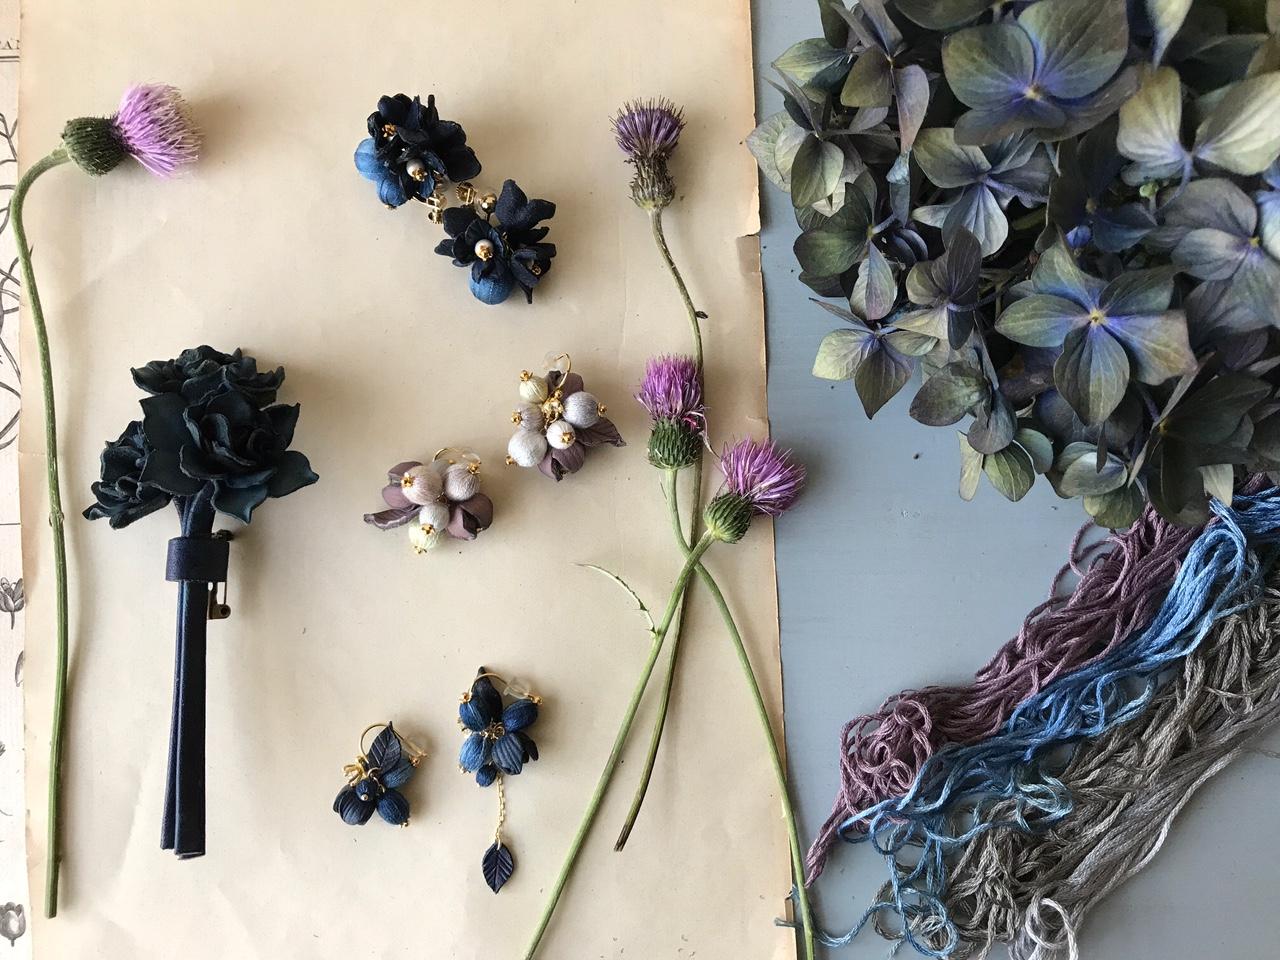 藍染の凜とした青は、ドライフラワーの紫陽花のよう